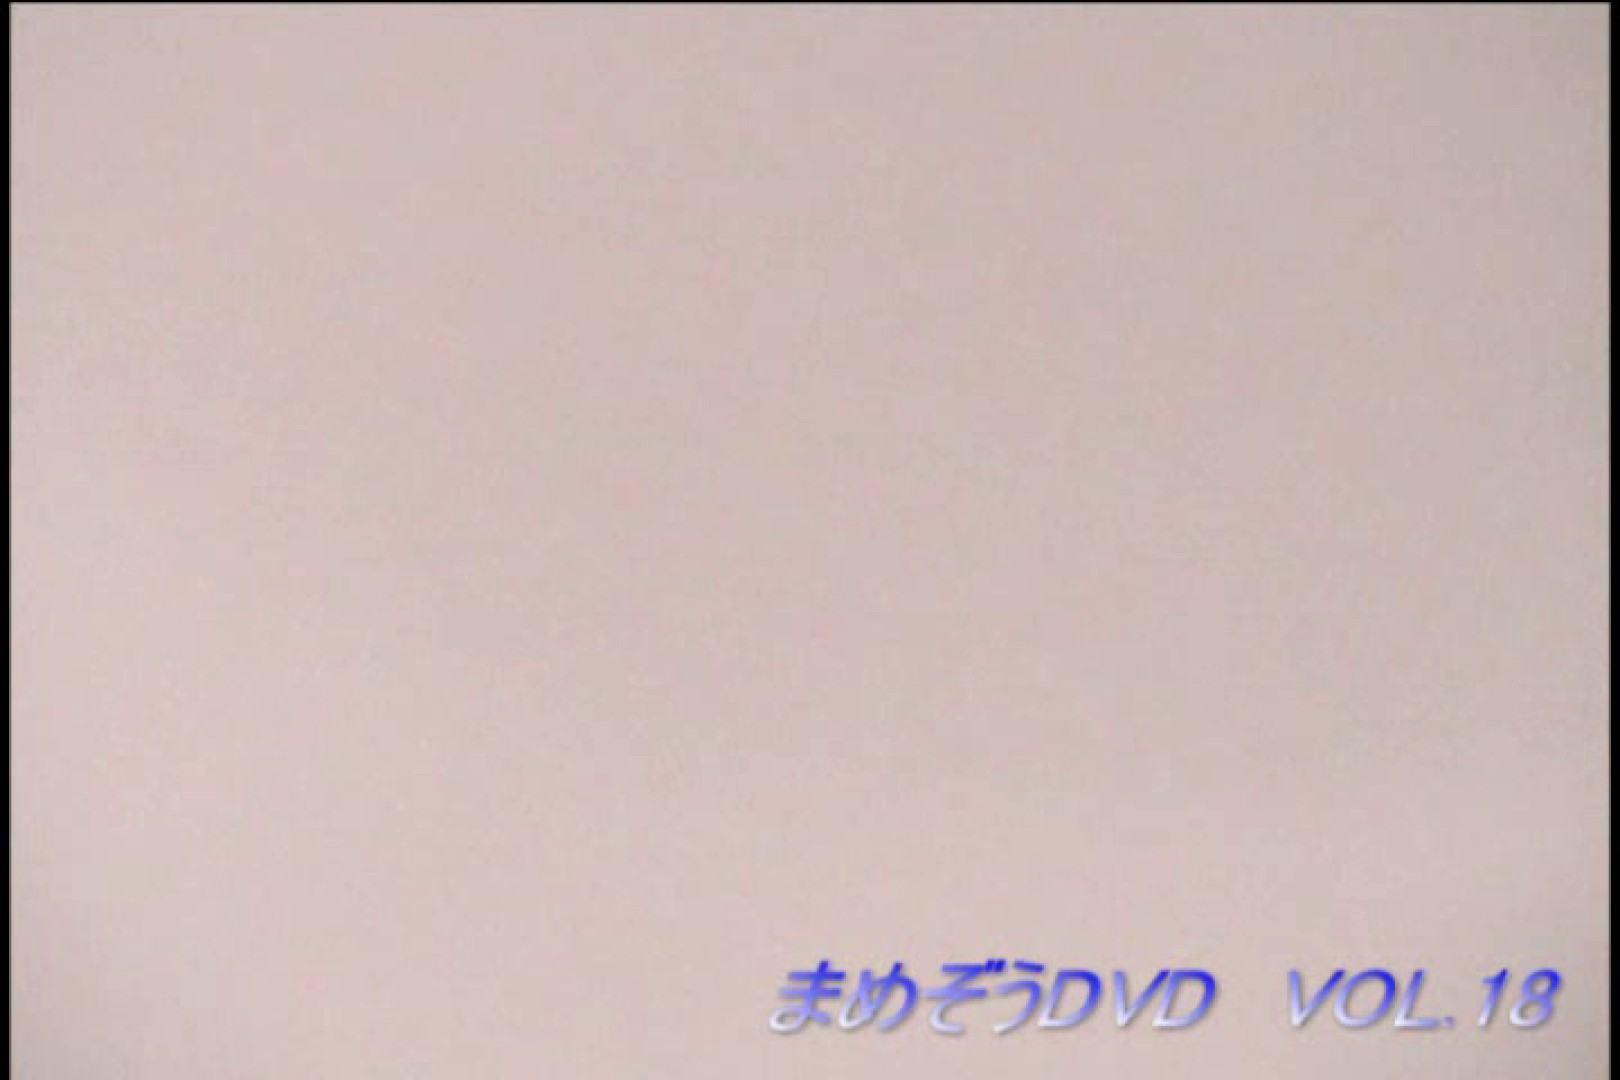 まめぞうDVD完全版VOL.18 ギャル盗撮映像   OLのボディ  76PIX 71